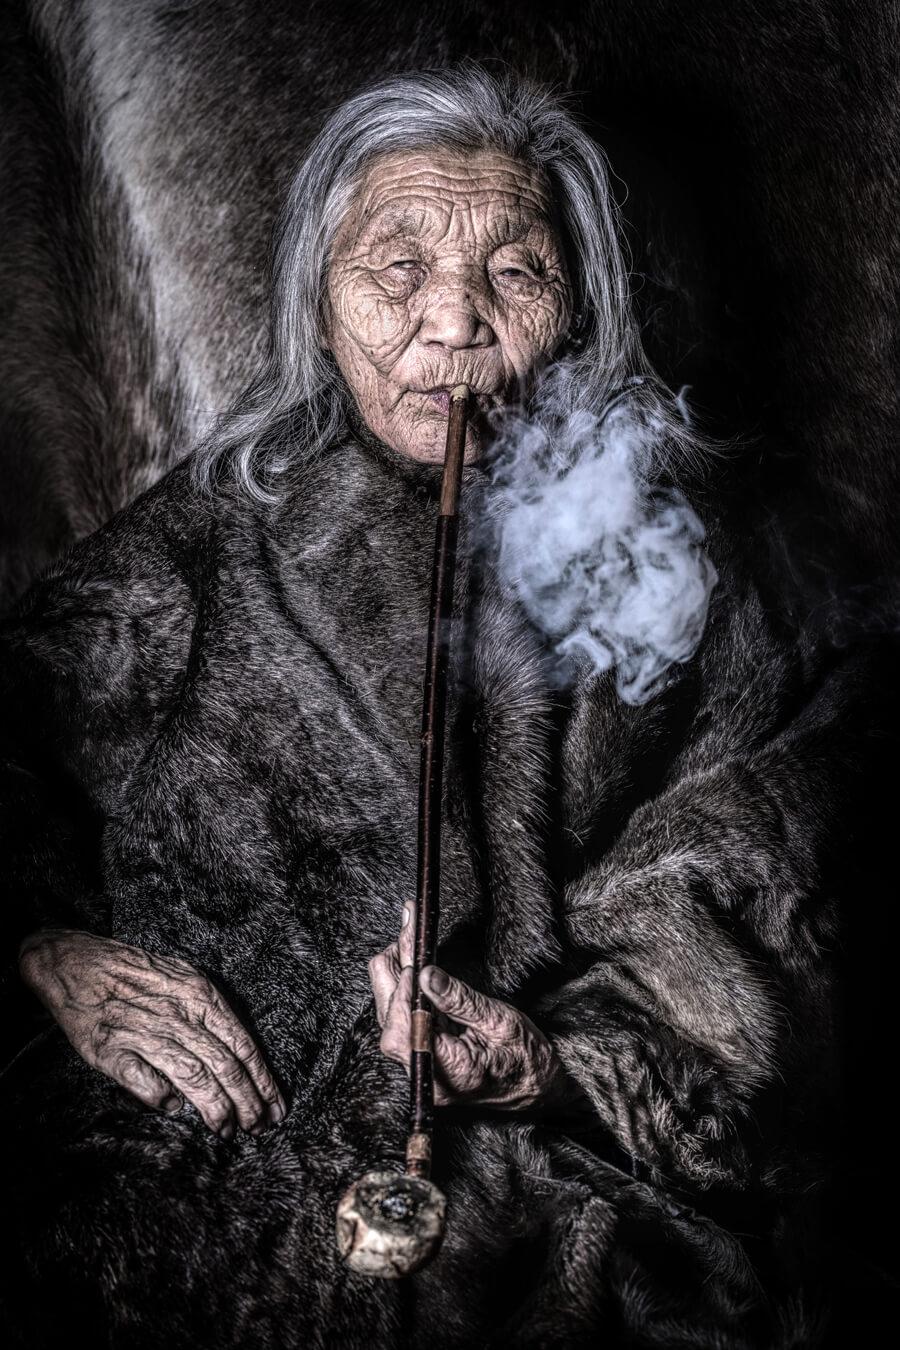 Бабушка Ульзий из малочисленной народности духа, кочевники-оленеводы, которые этнически относятся к тувинцам © Александр Химушин / The World In Faces